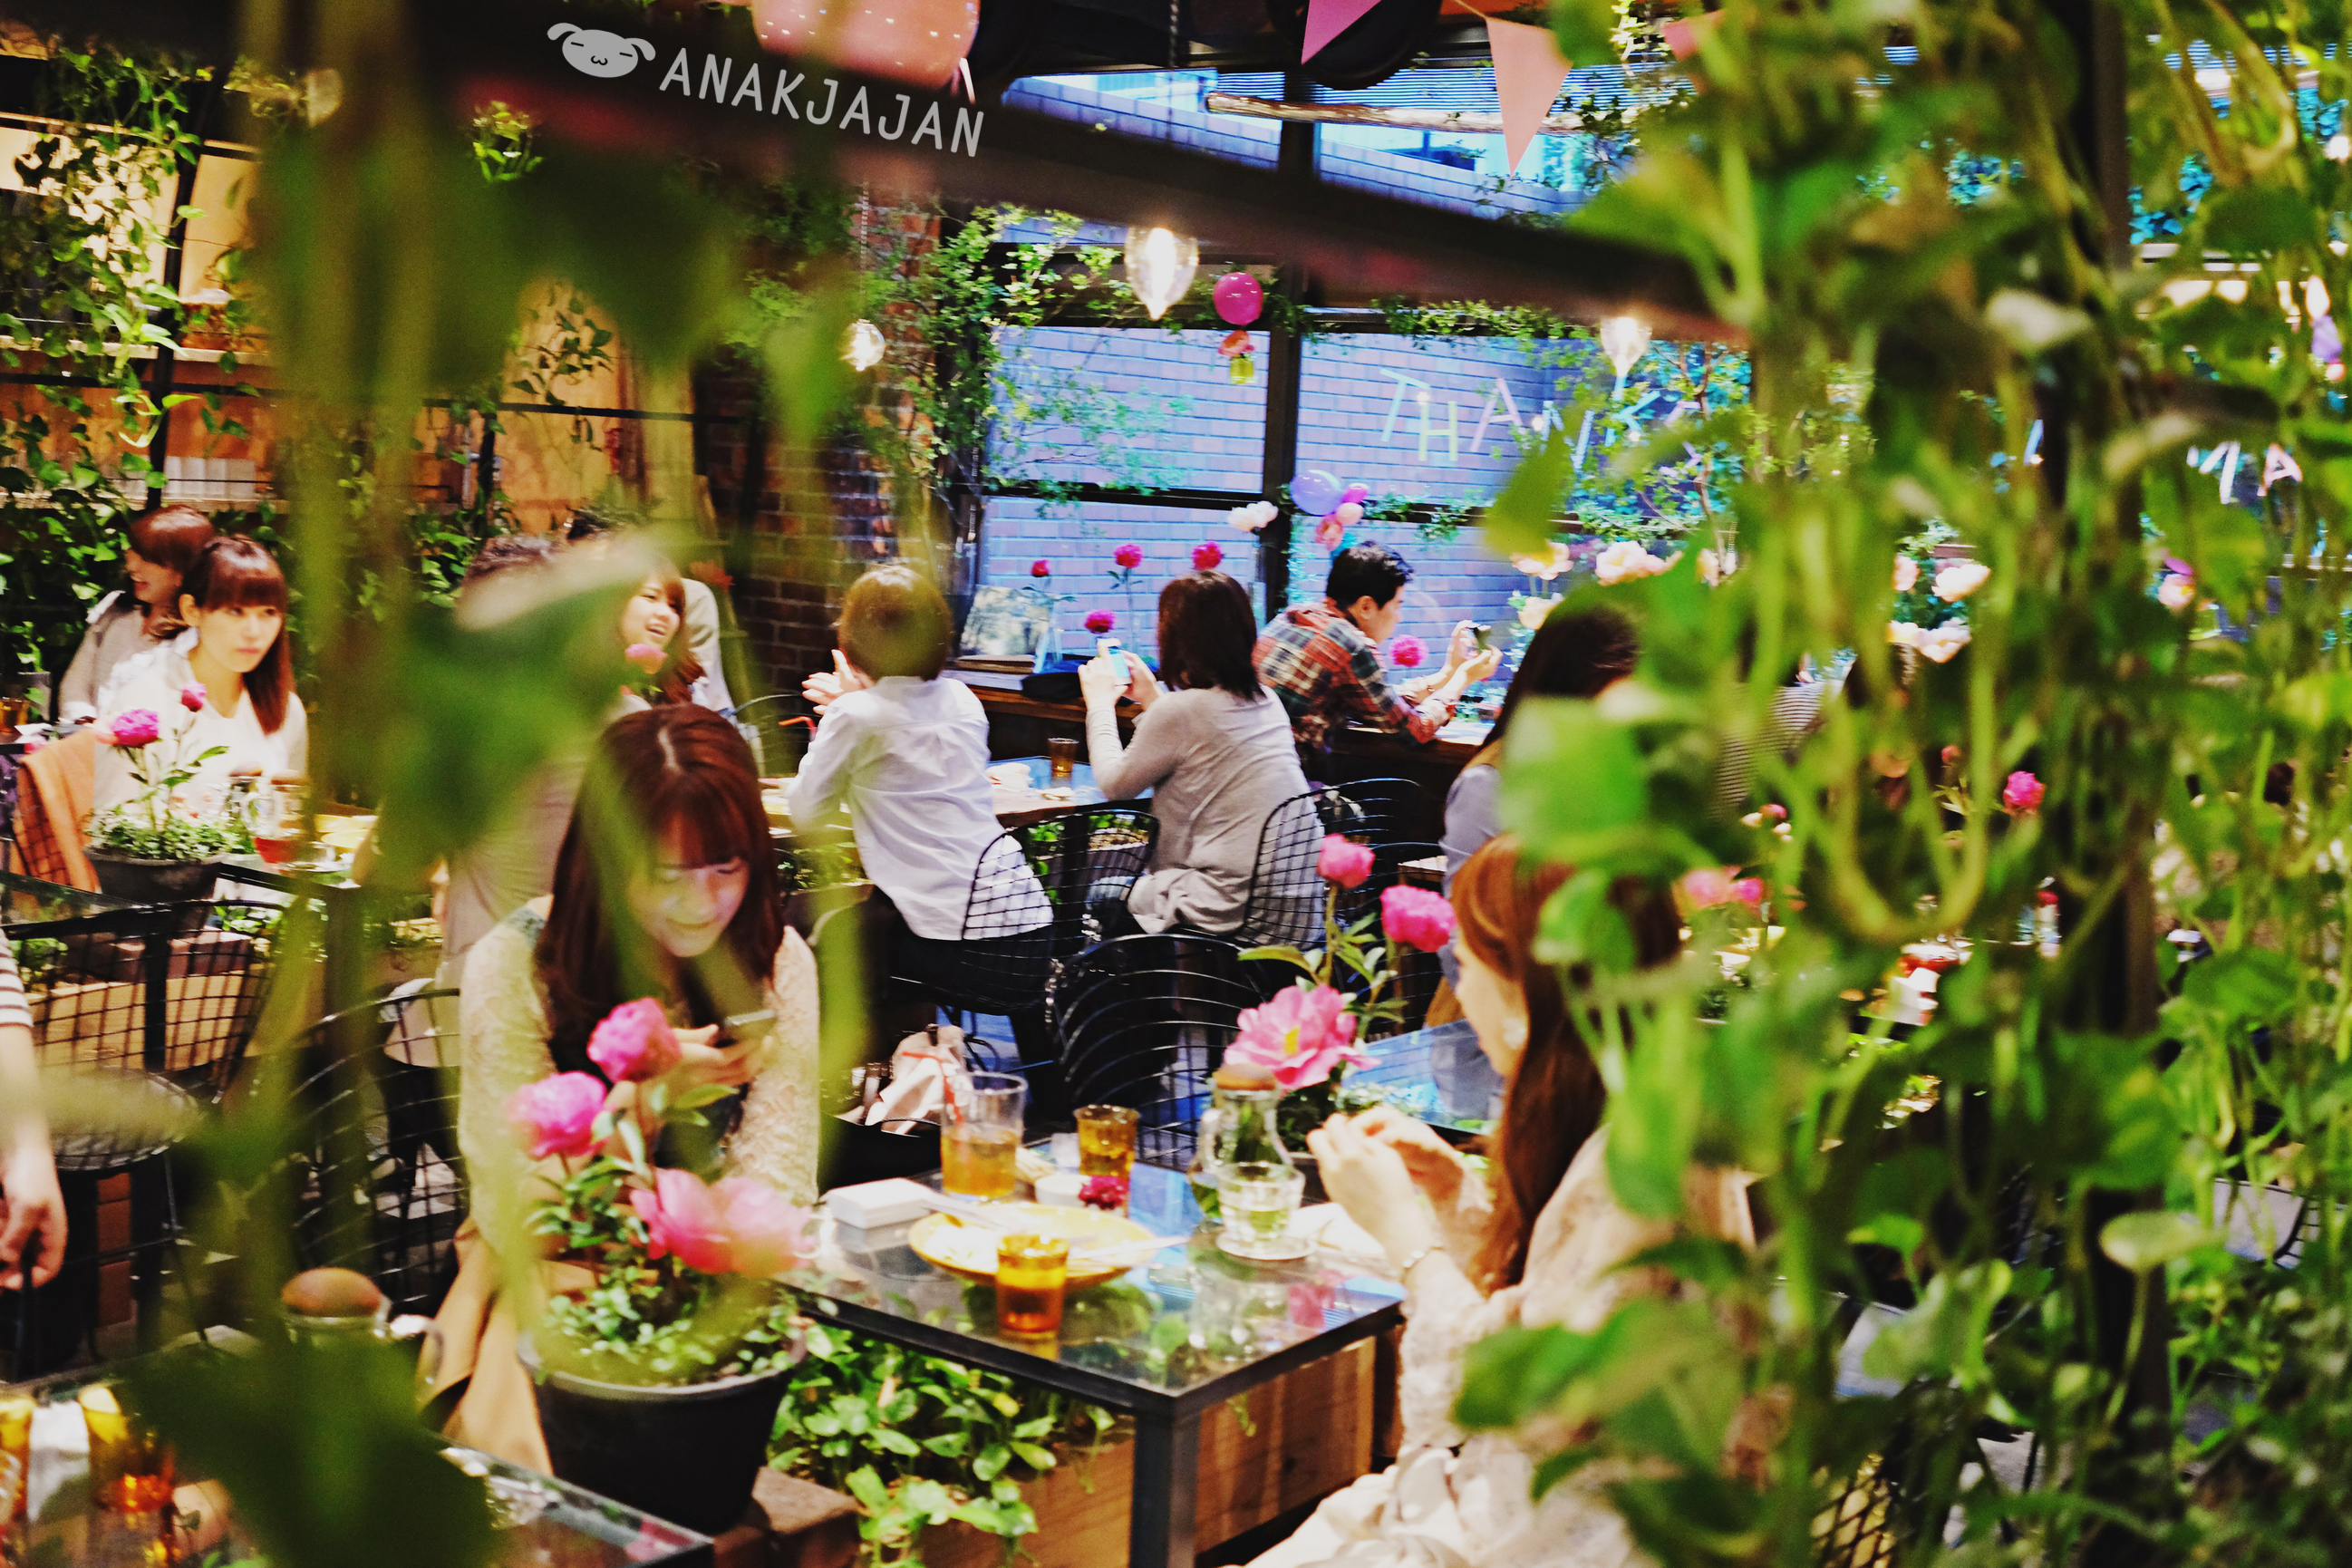 Japan Aoyama Flower Market Tea House Anakjajan Com